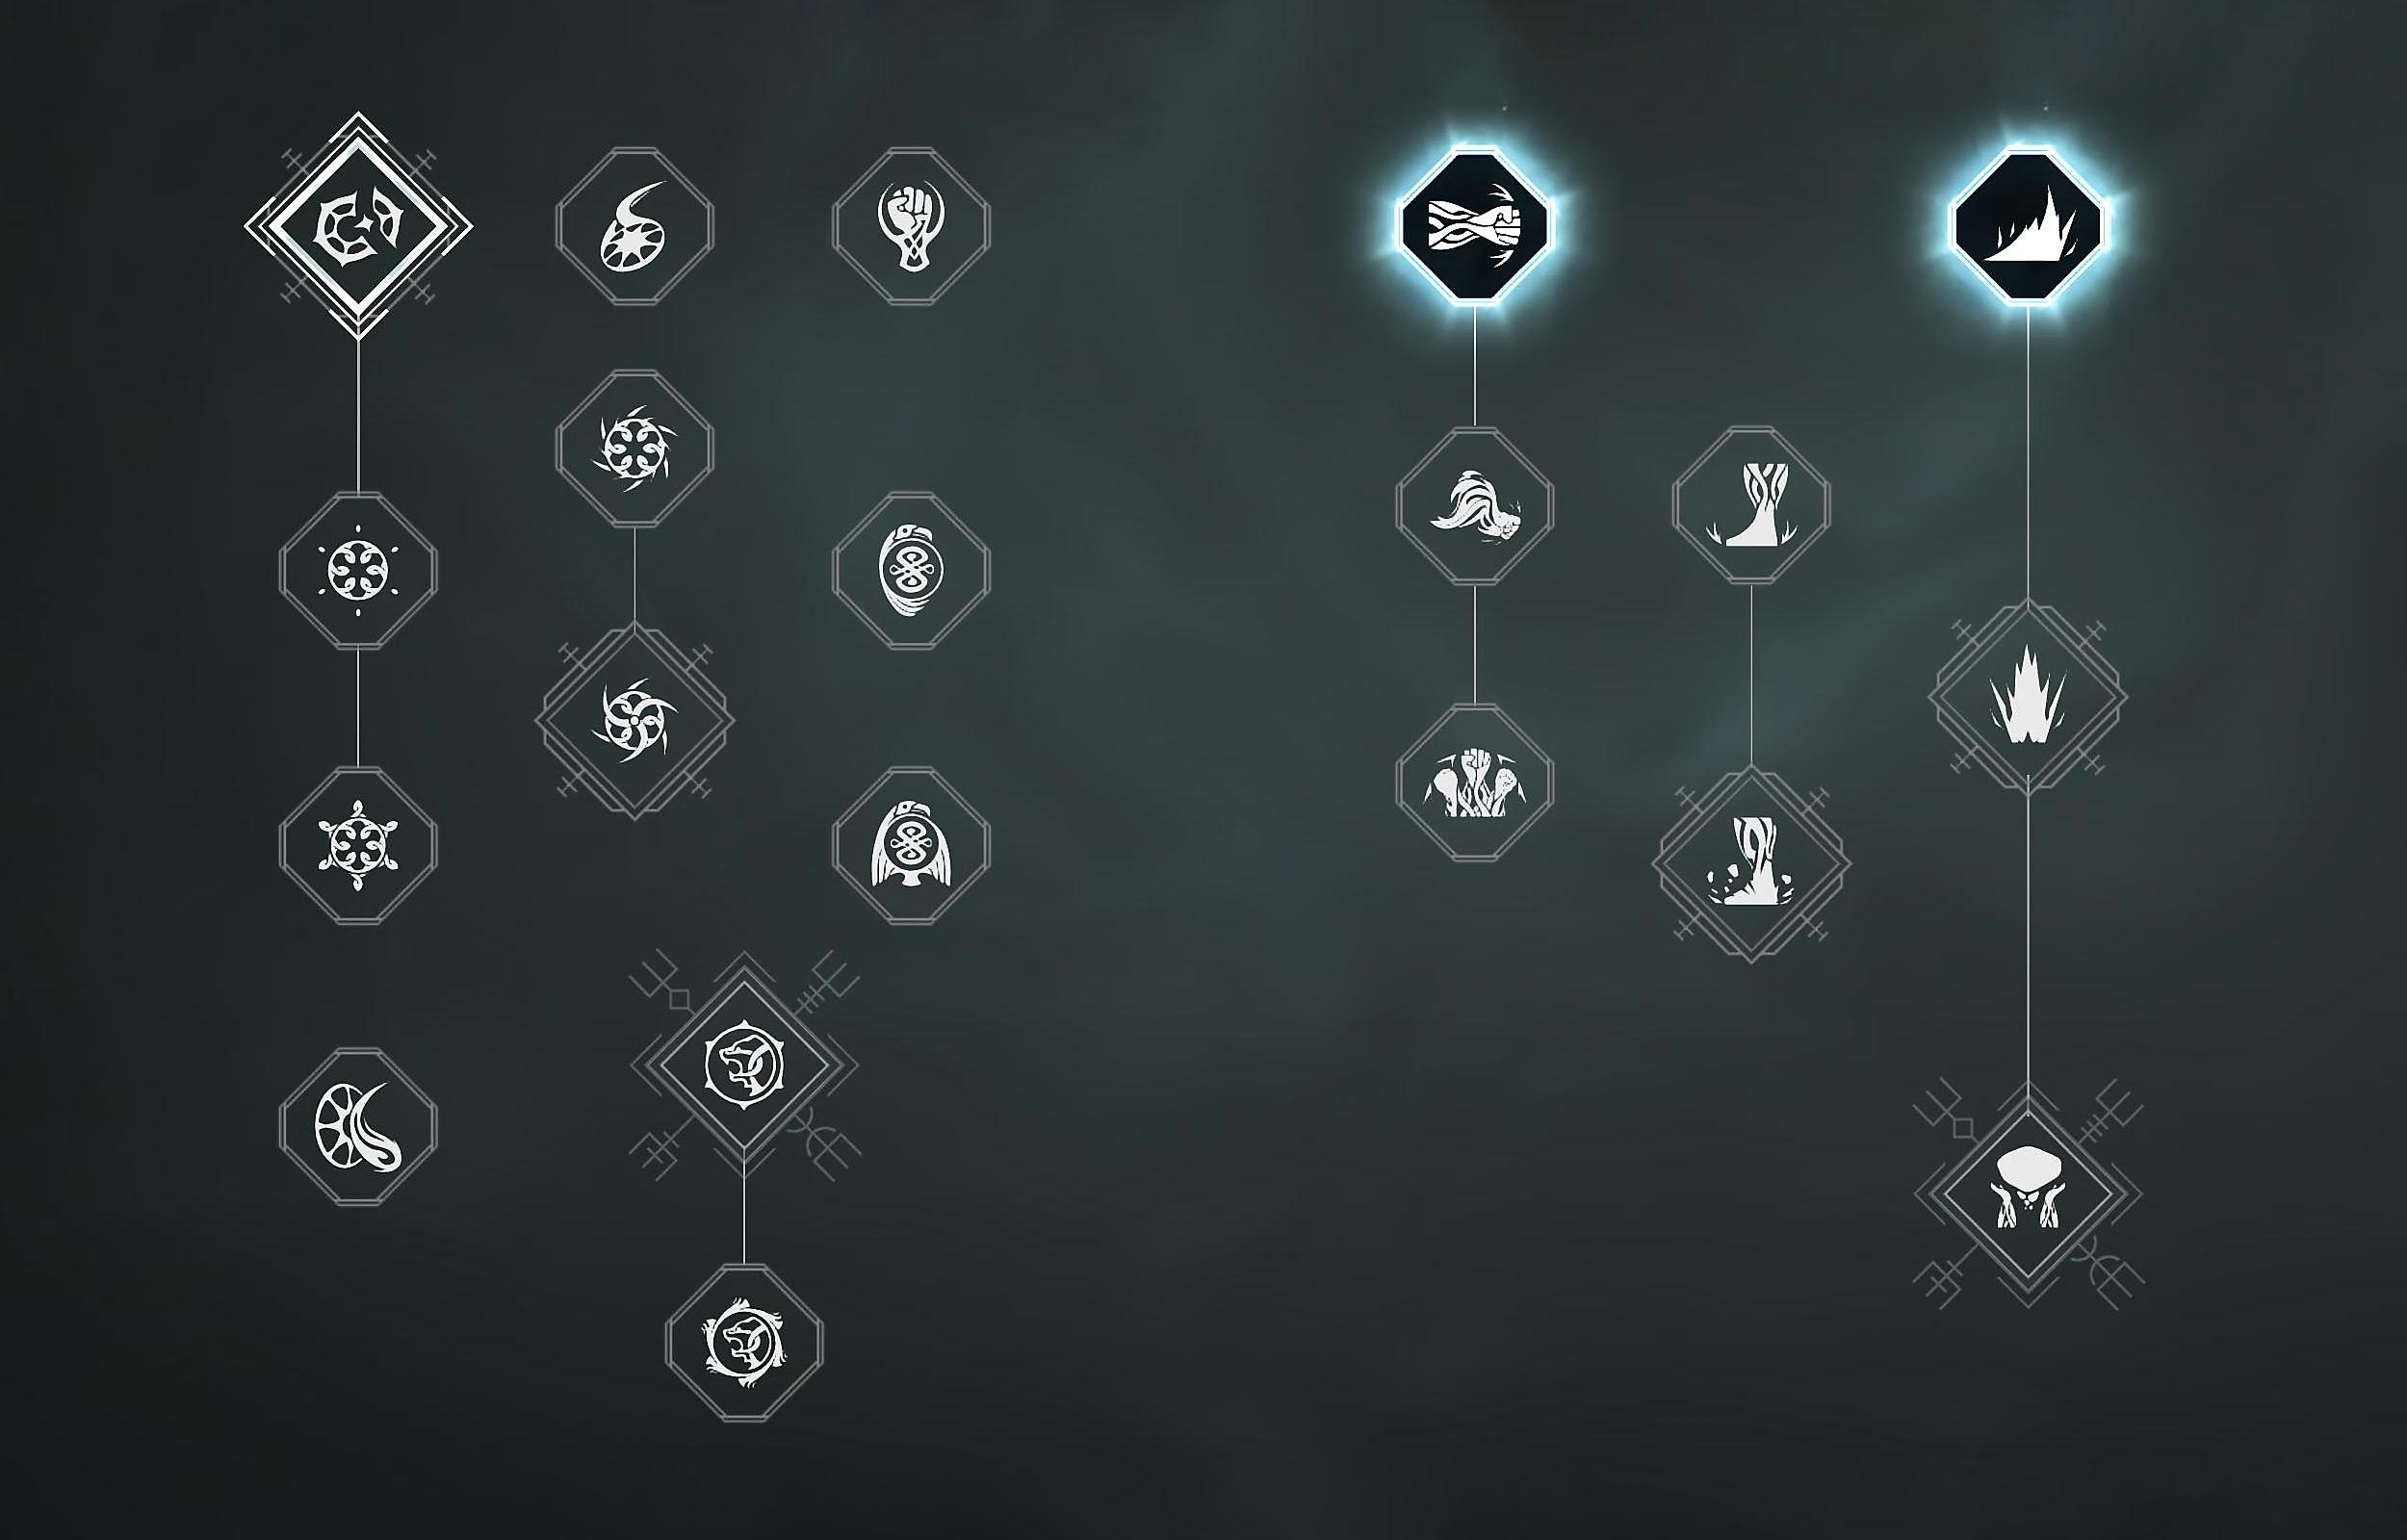 دليل PlayStation للعبة God of War - لقطة شاشة المهارات